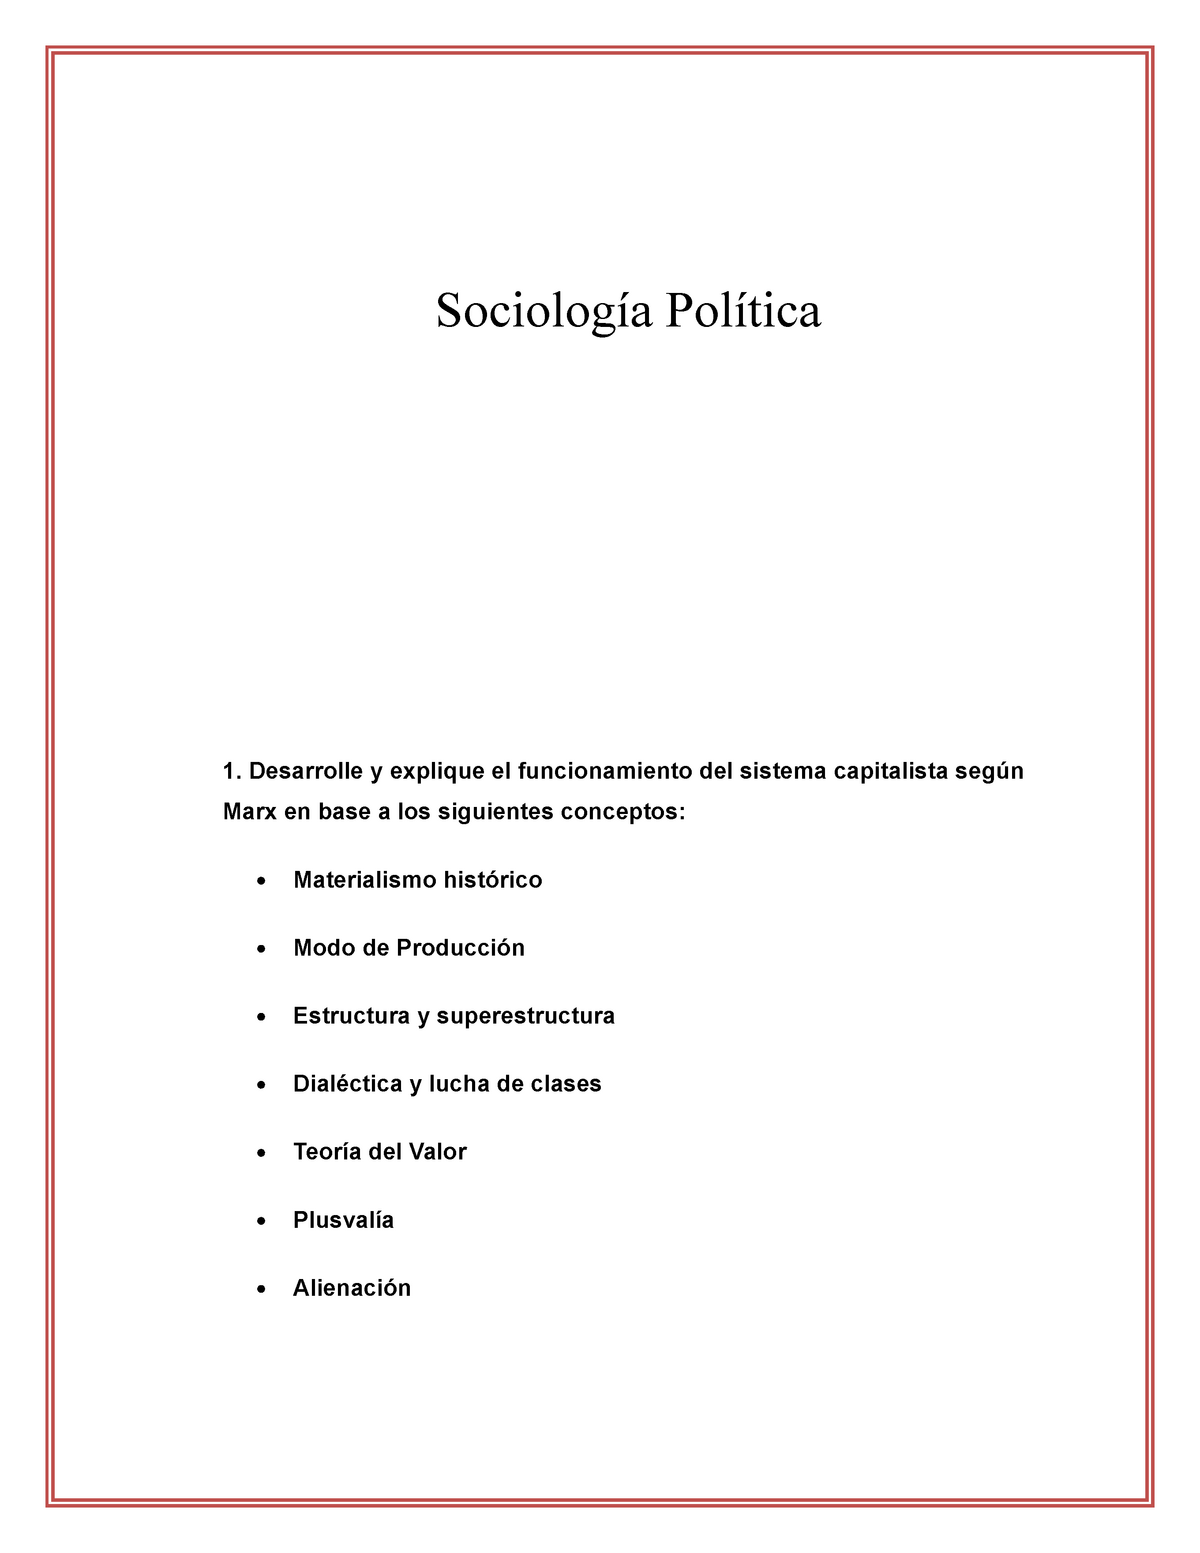 Examen Sociología Política Mayo 2016 Preguntas Y